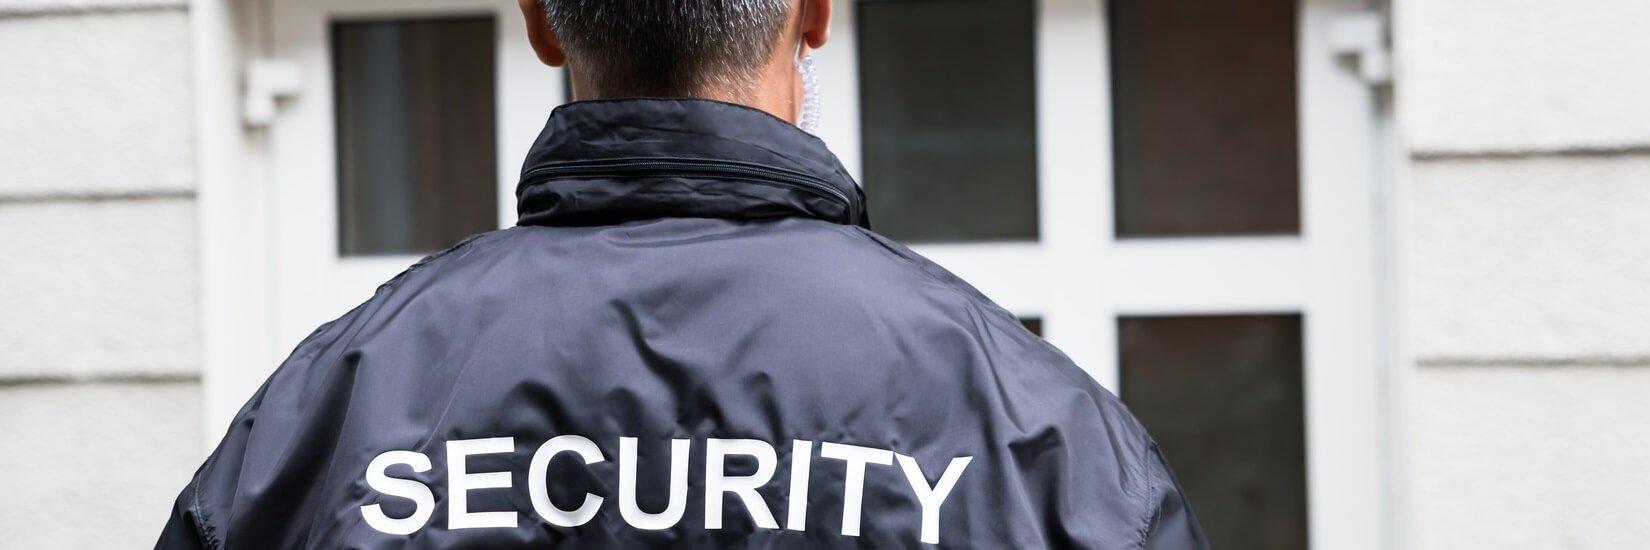 Sicherheitsdienst Frankfurt Security-Service